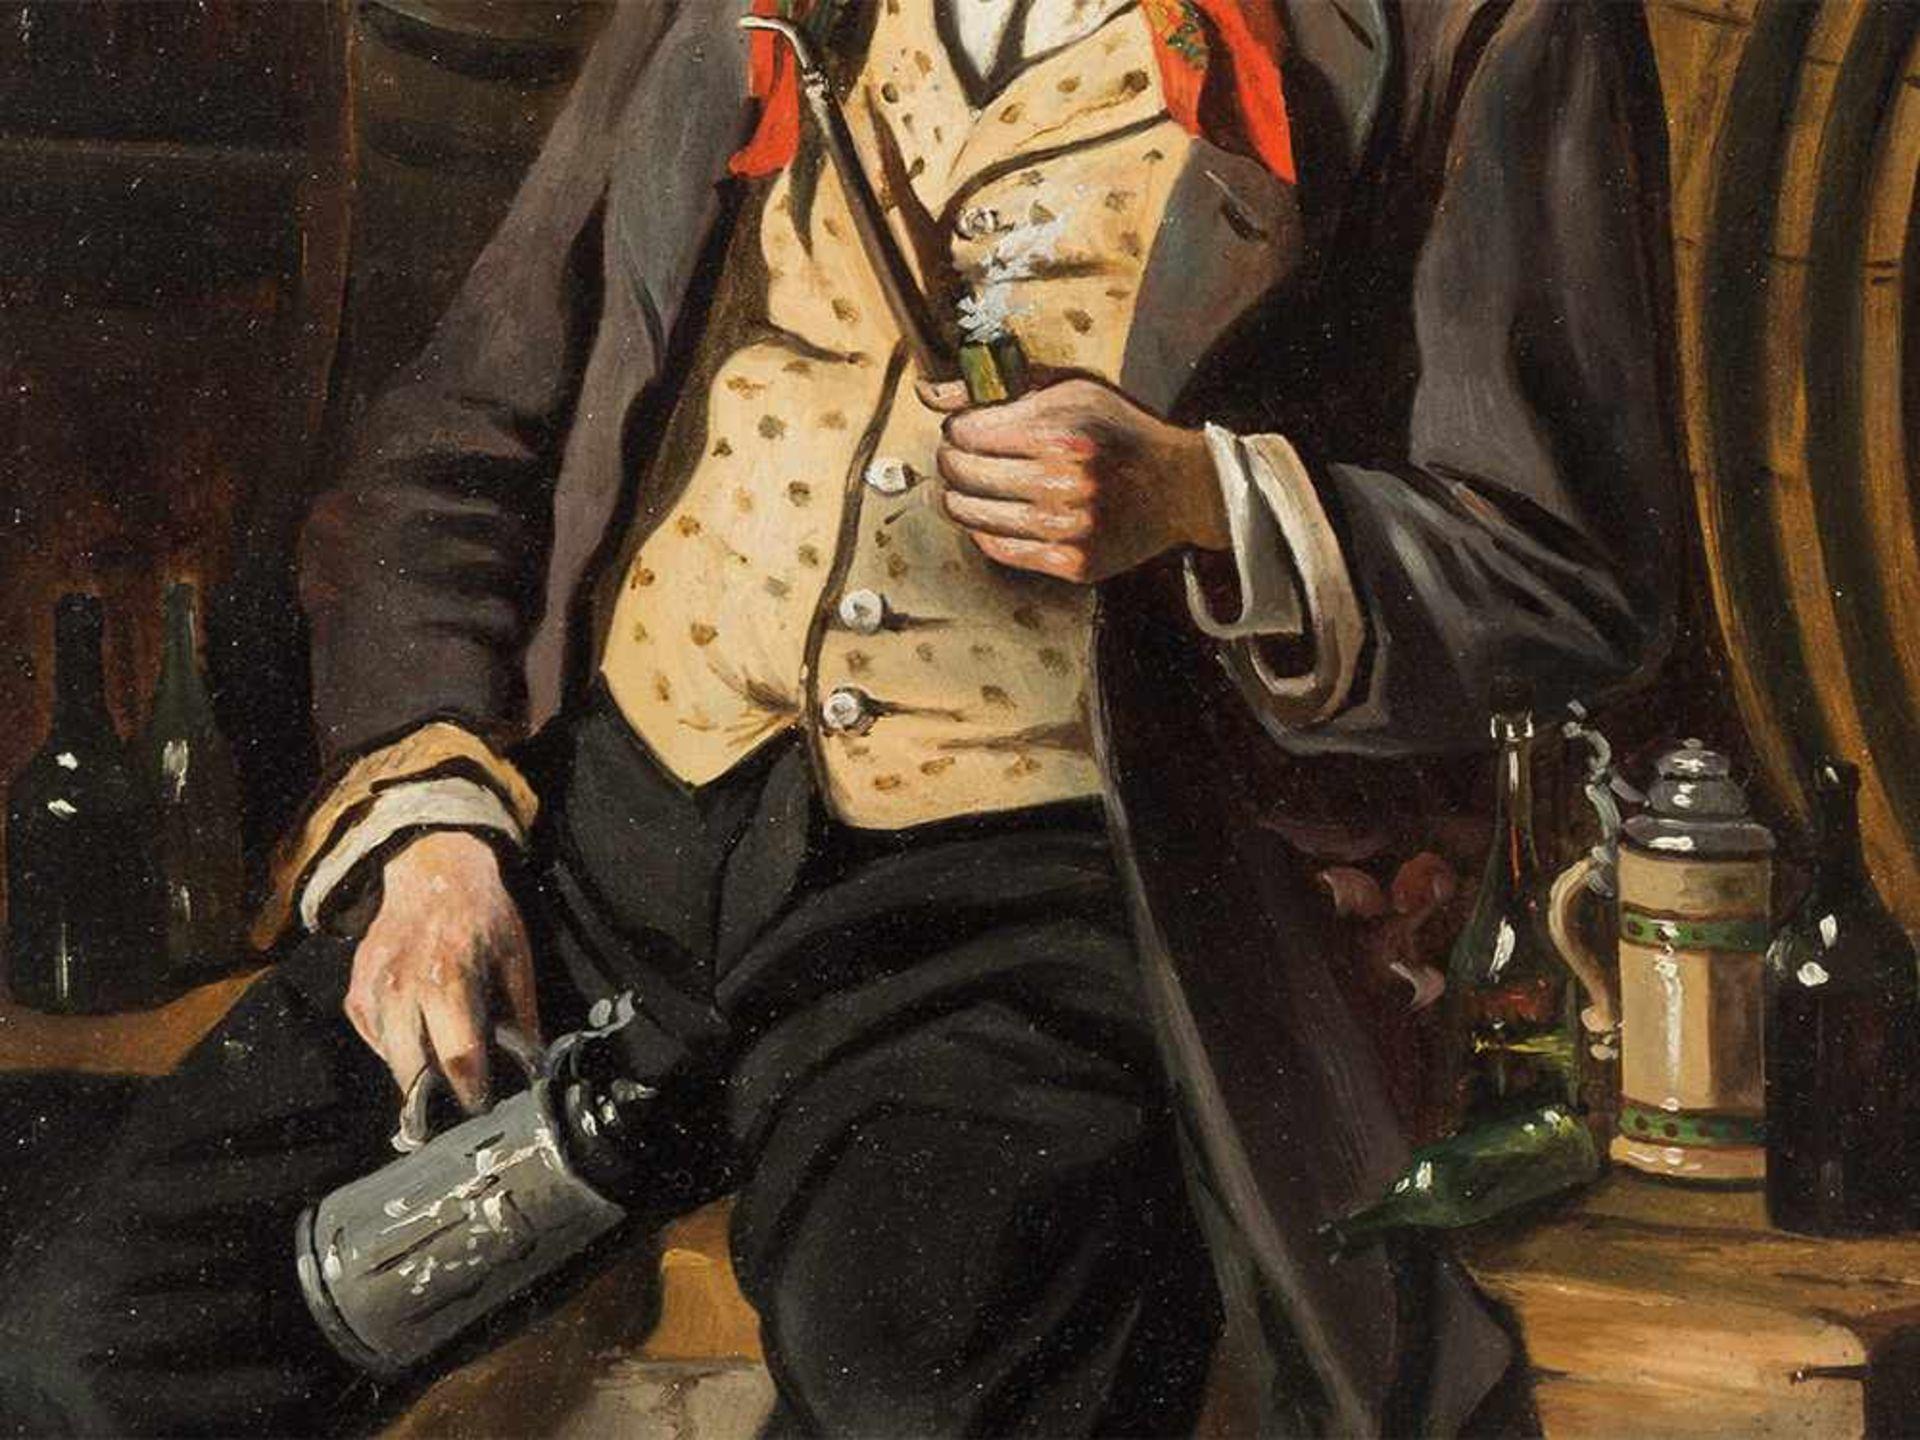 Los 66 - Hermann Kern (1838-1912), Die Weinprobe, Öl, um 1900 Öl auf holz. Österreich, um 1900. hermann